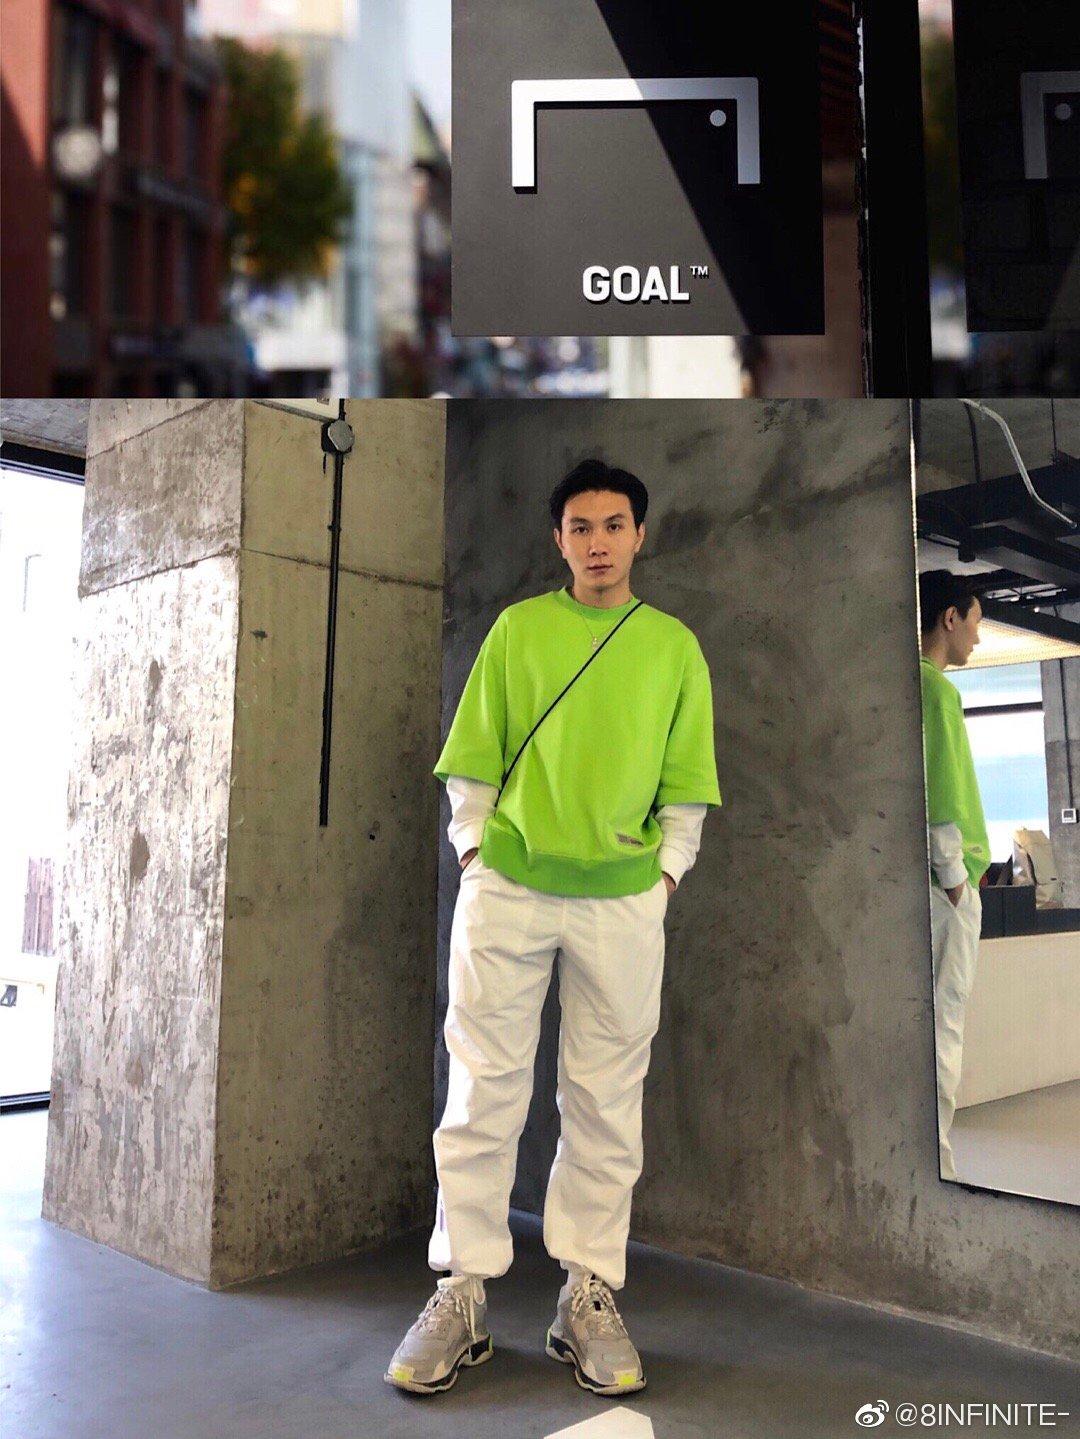 偶遇韩国新晋潮流品牌 - Goal 明洞乐天百货快闪店